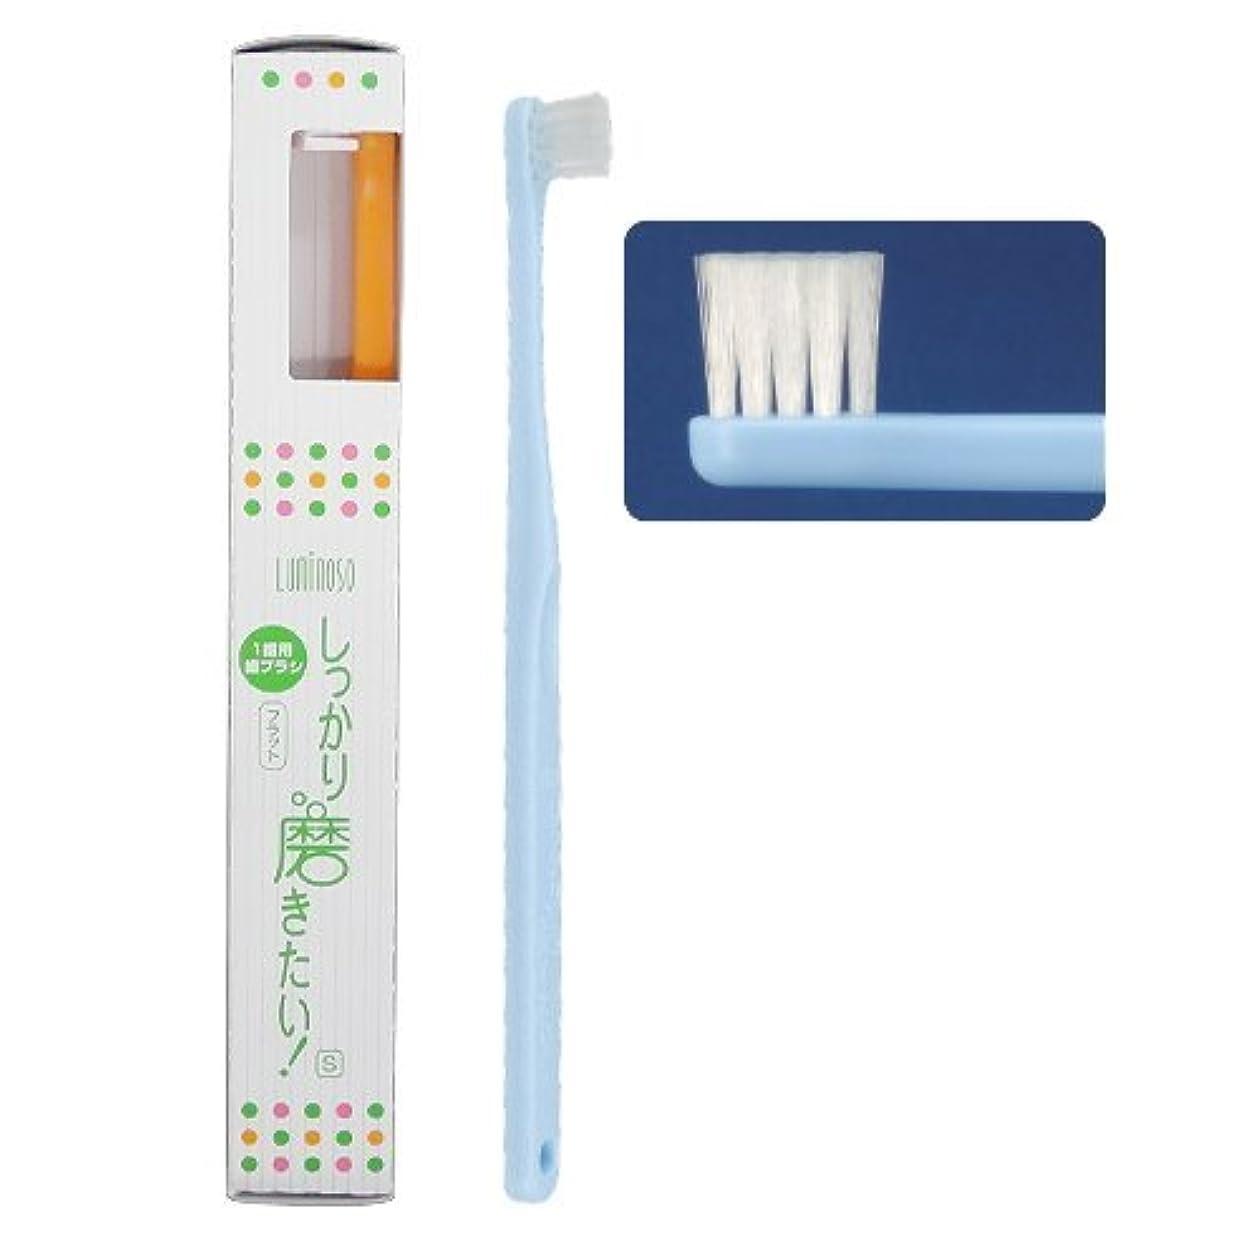 販売計画ギャング殺人者ルミノソ 1歯用歯ブラシ 「しっかり磨きたい!」 フラット ソフト (カラー指定不可) 5本